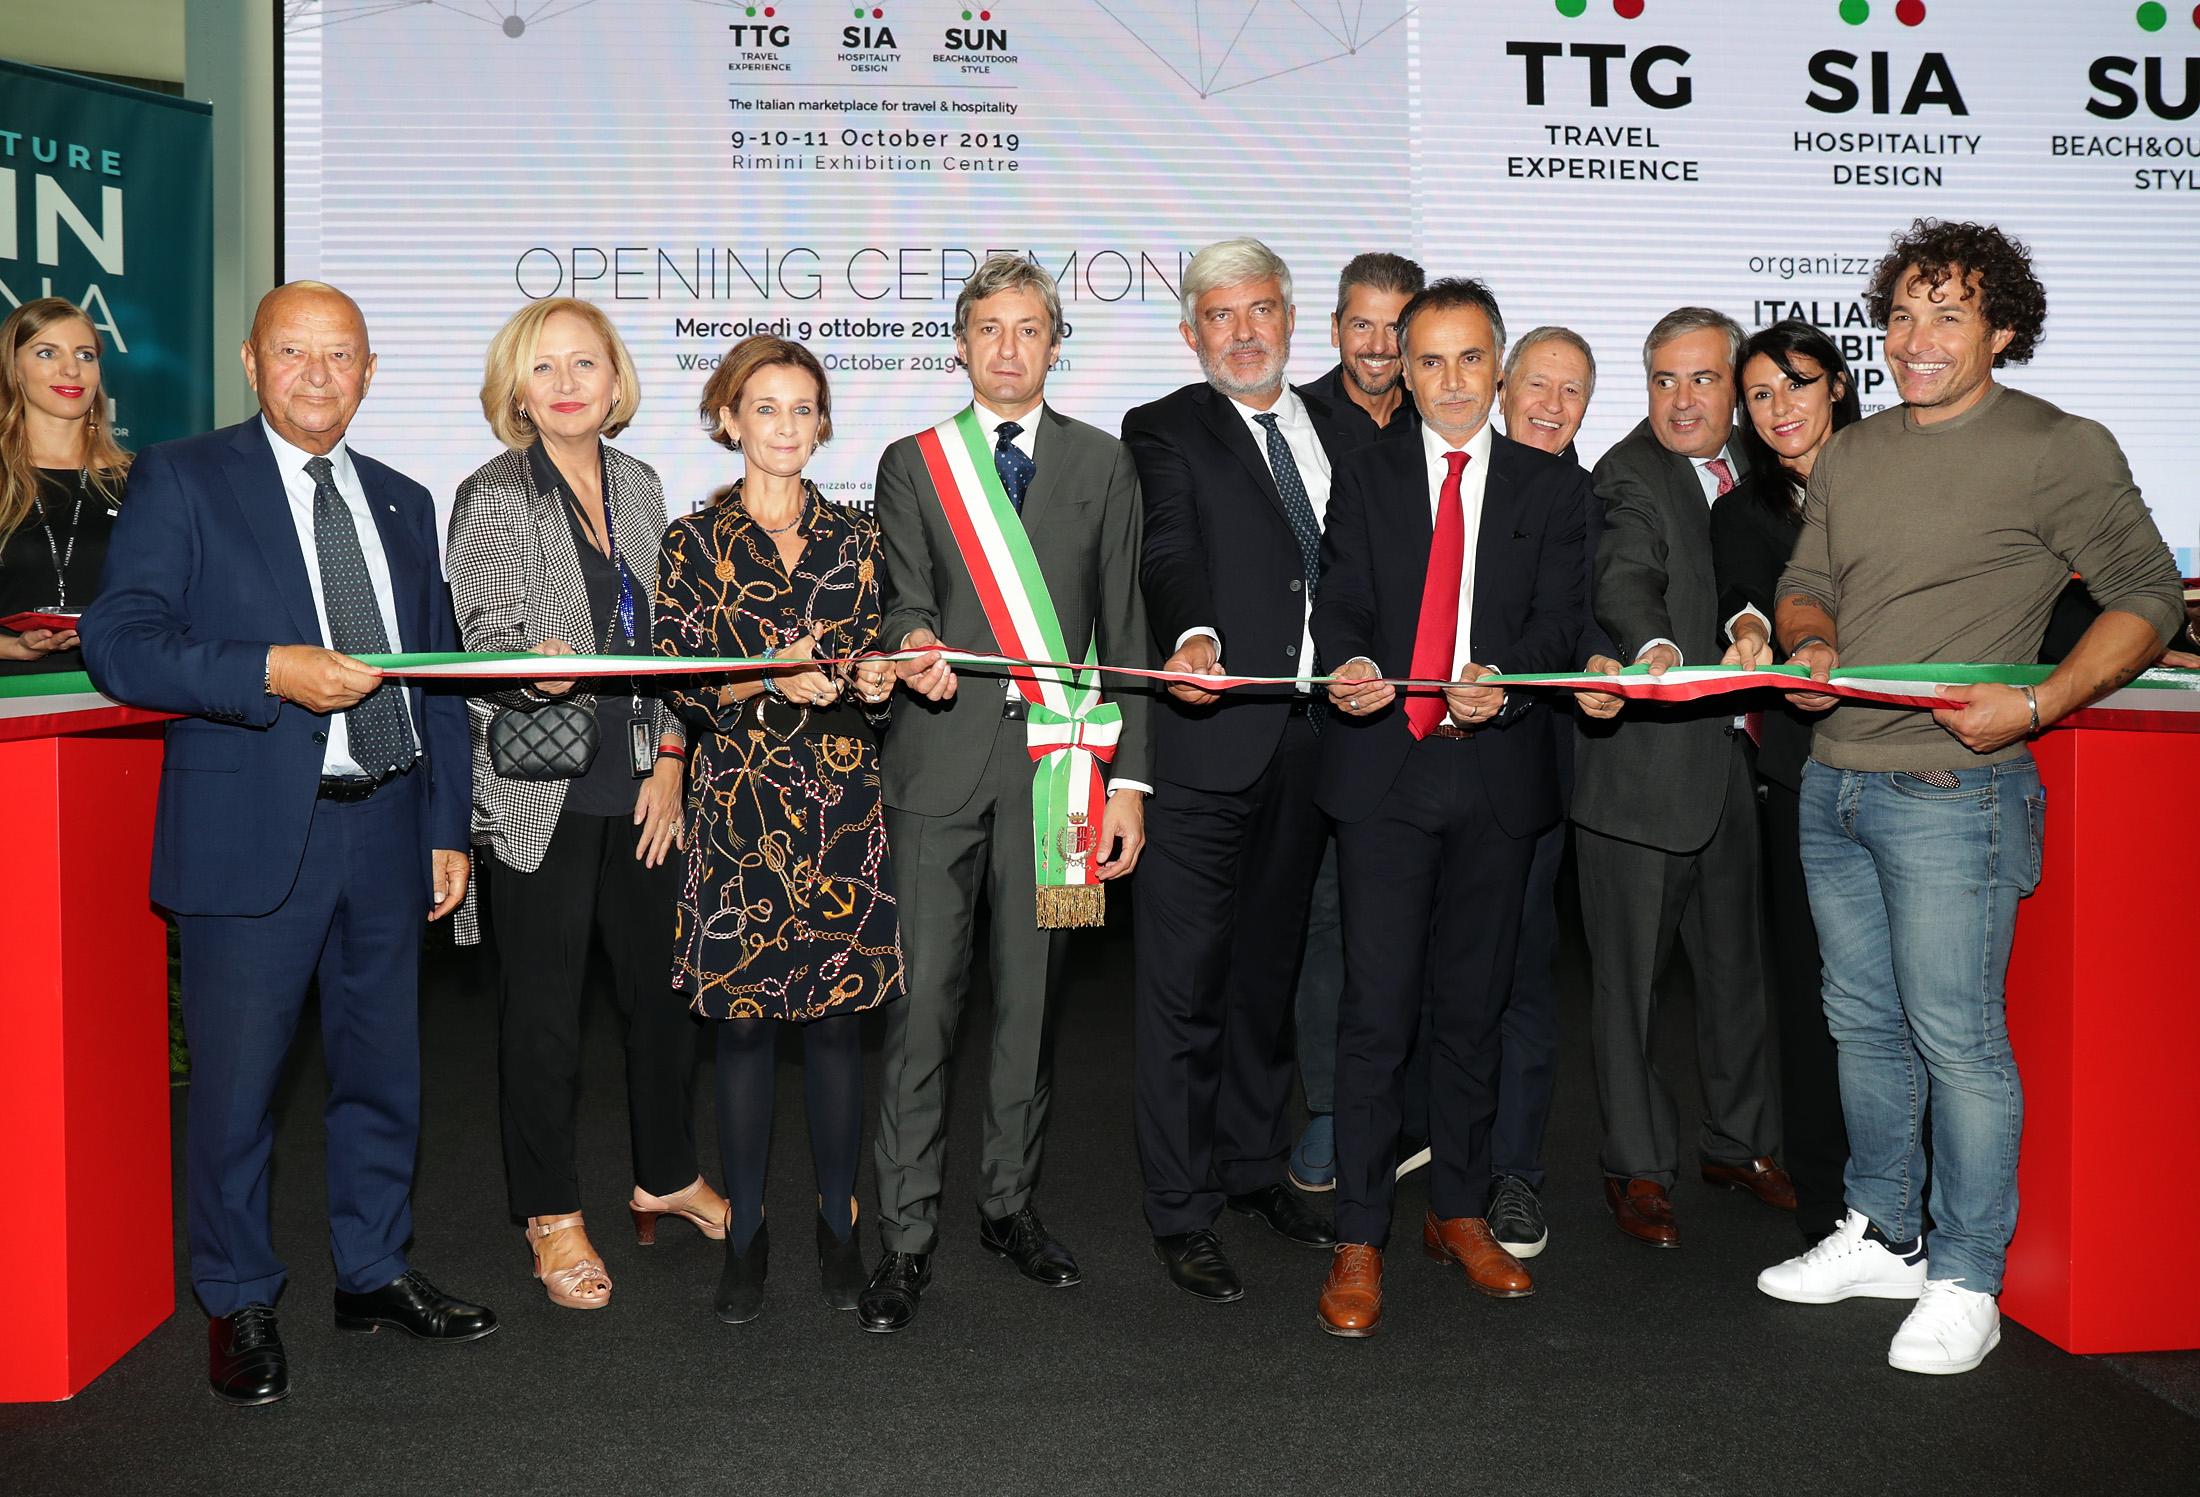 Rimini. Ttg, Sia e Sun: cresce il business del turismo